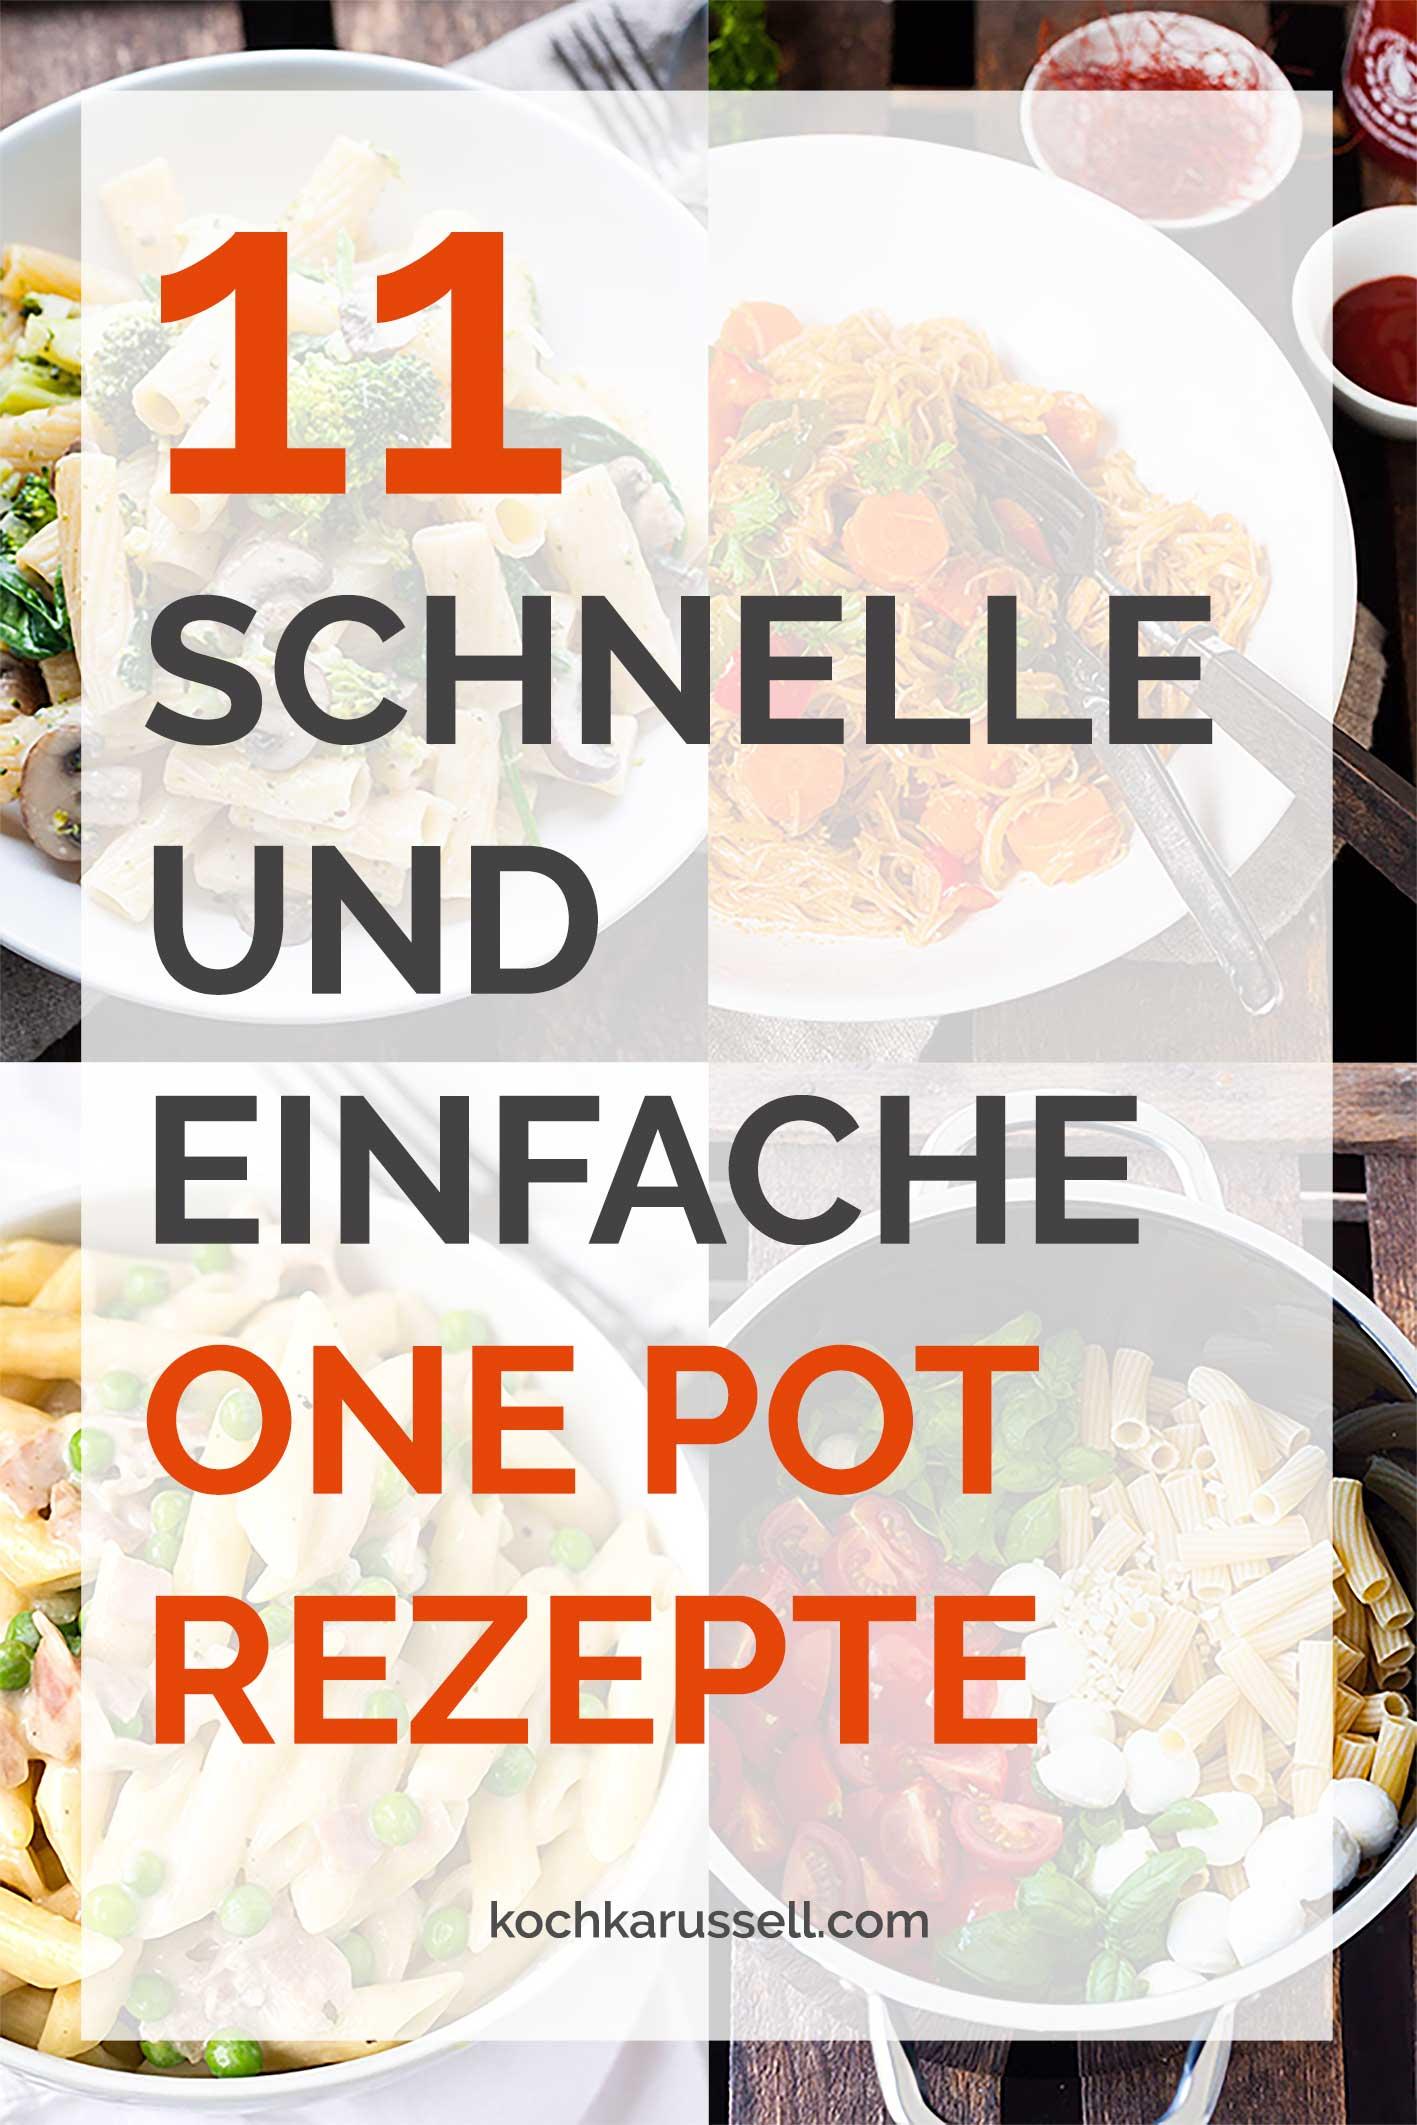 Rezepte Leichte Küche Schnell | 11 Schnelle Und Einfache One Pot Rezepte Kochkarussell